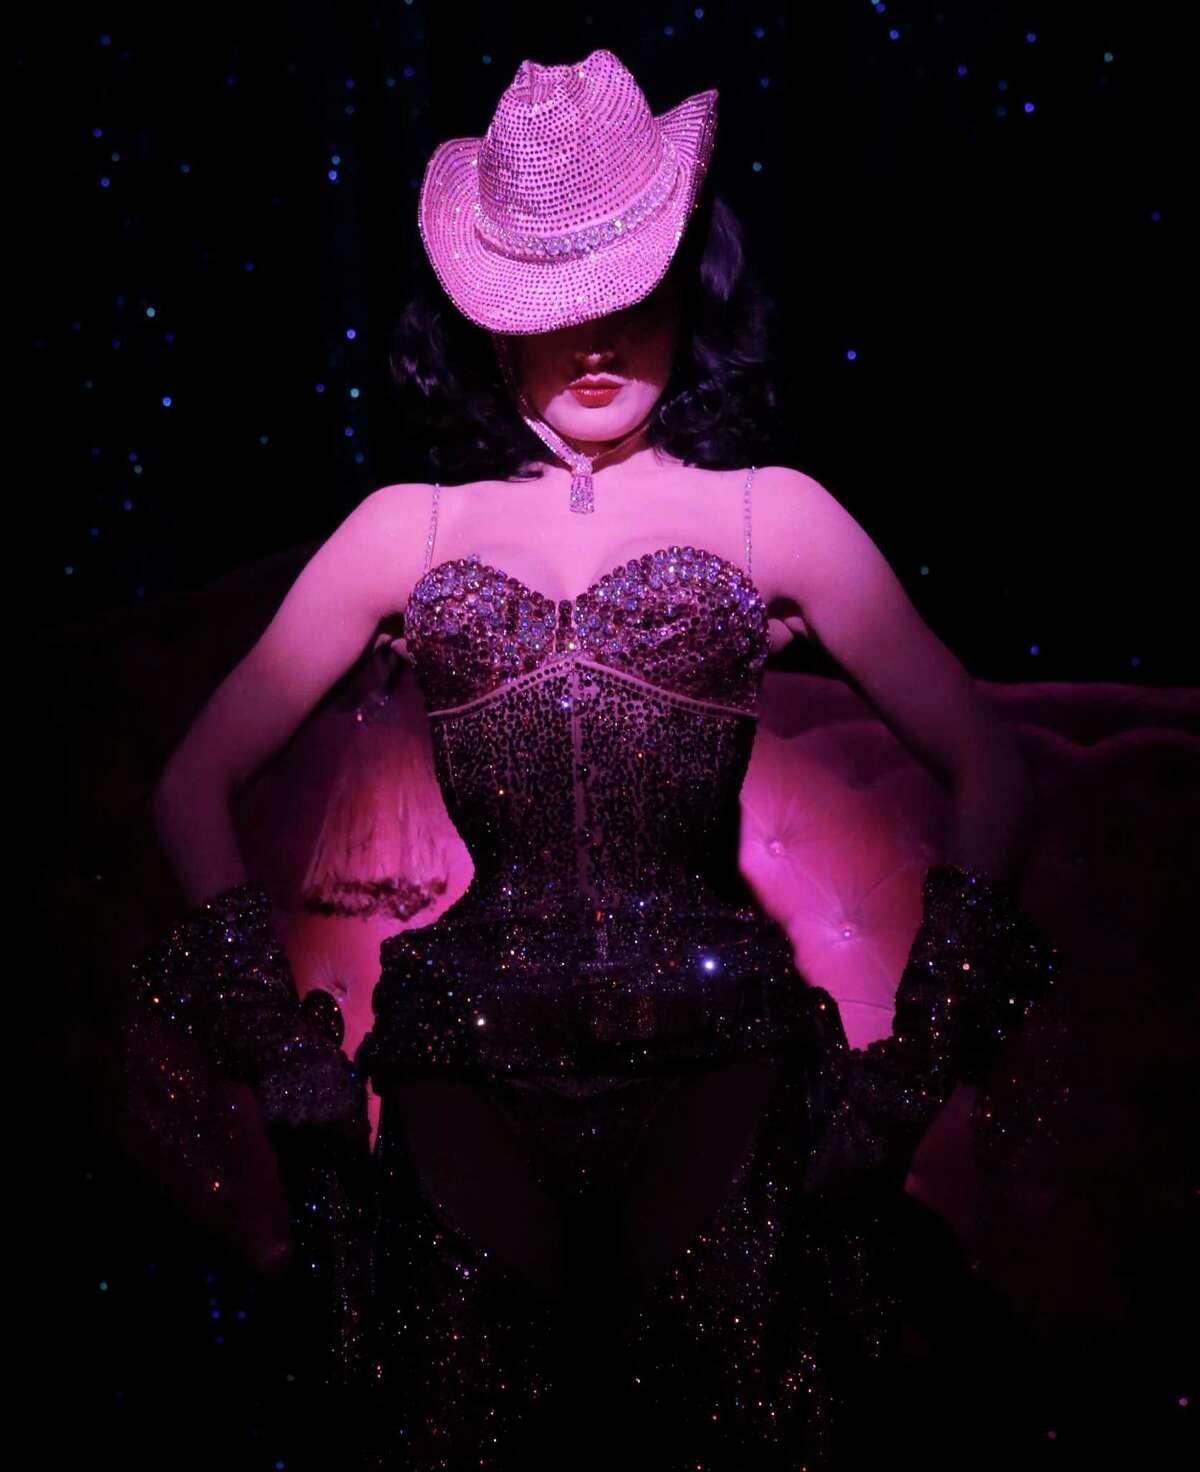 Dita Von Teese performs onstage at